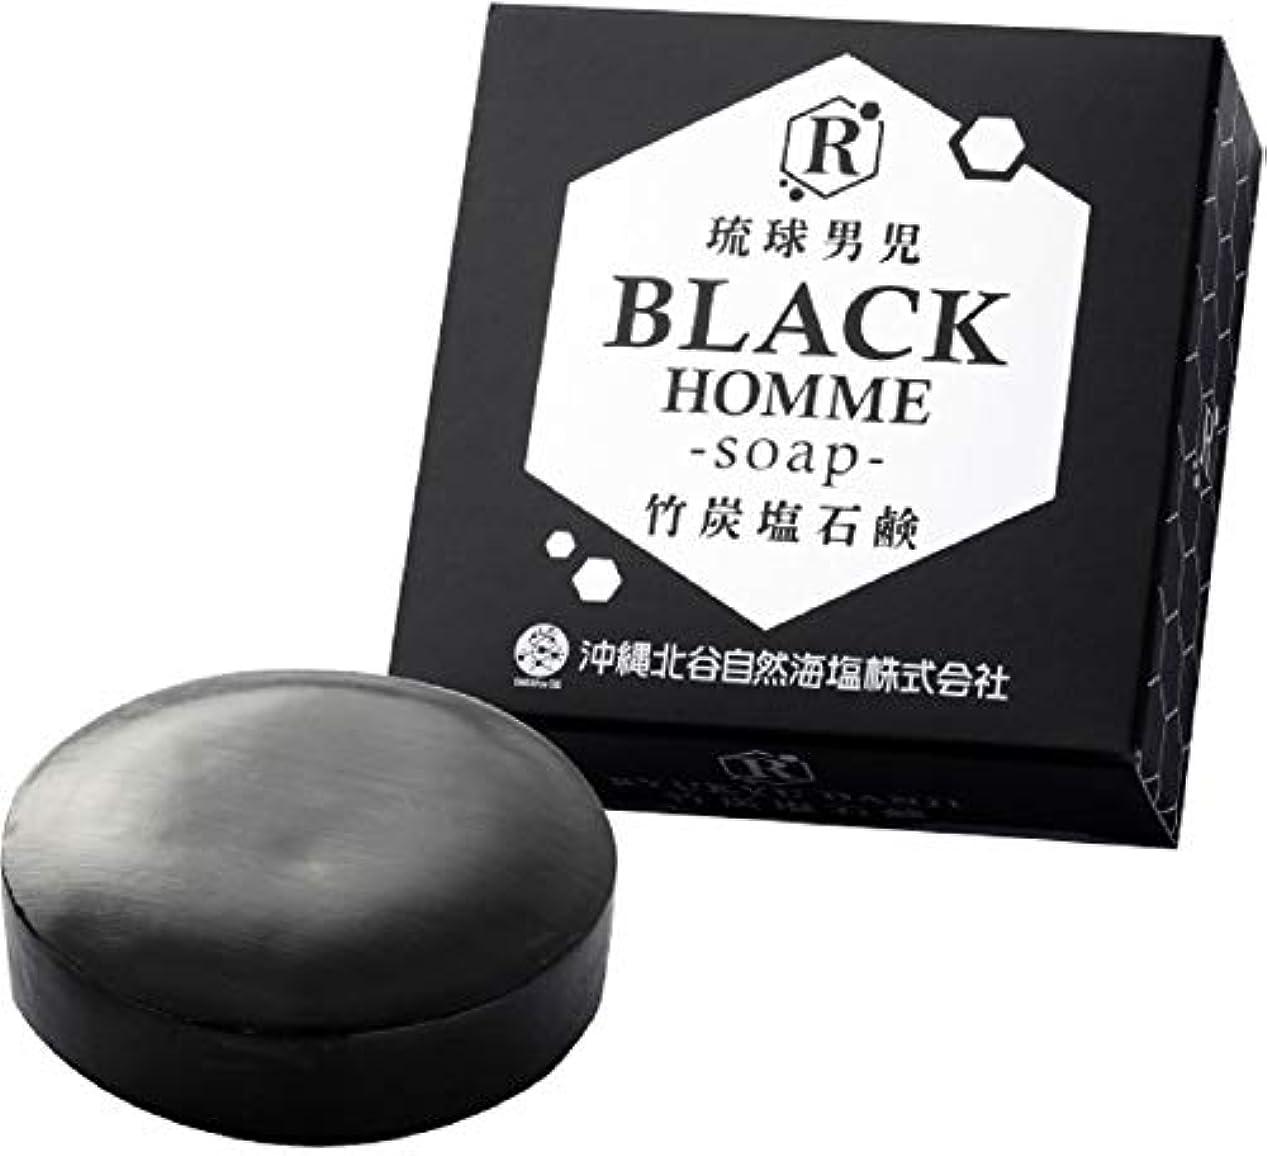 騒乱鑑定粘性の【3個セット】琉球男児 竹炭塩石鹸 BLACK HOMME-soap- 60g 泡立てネット付き